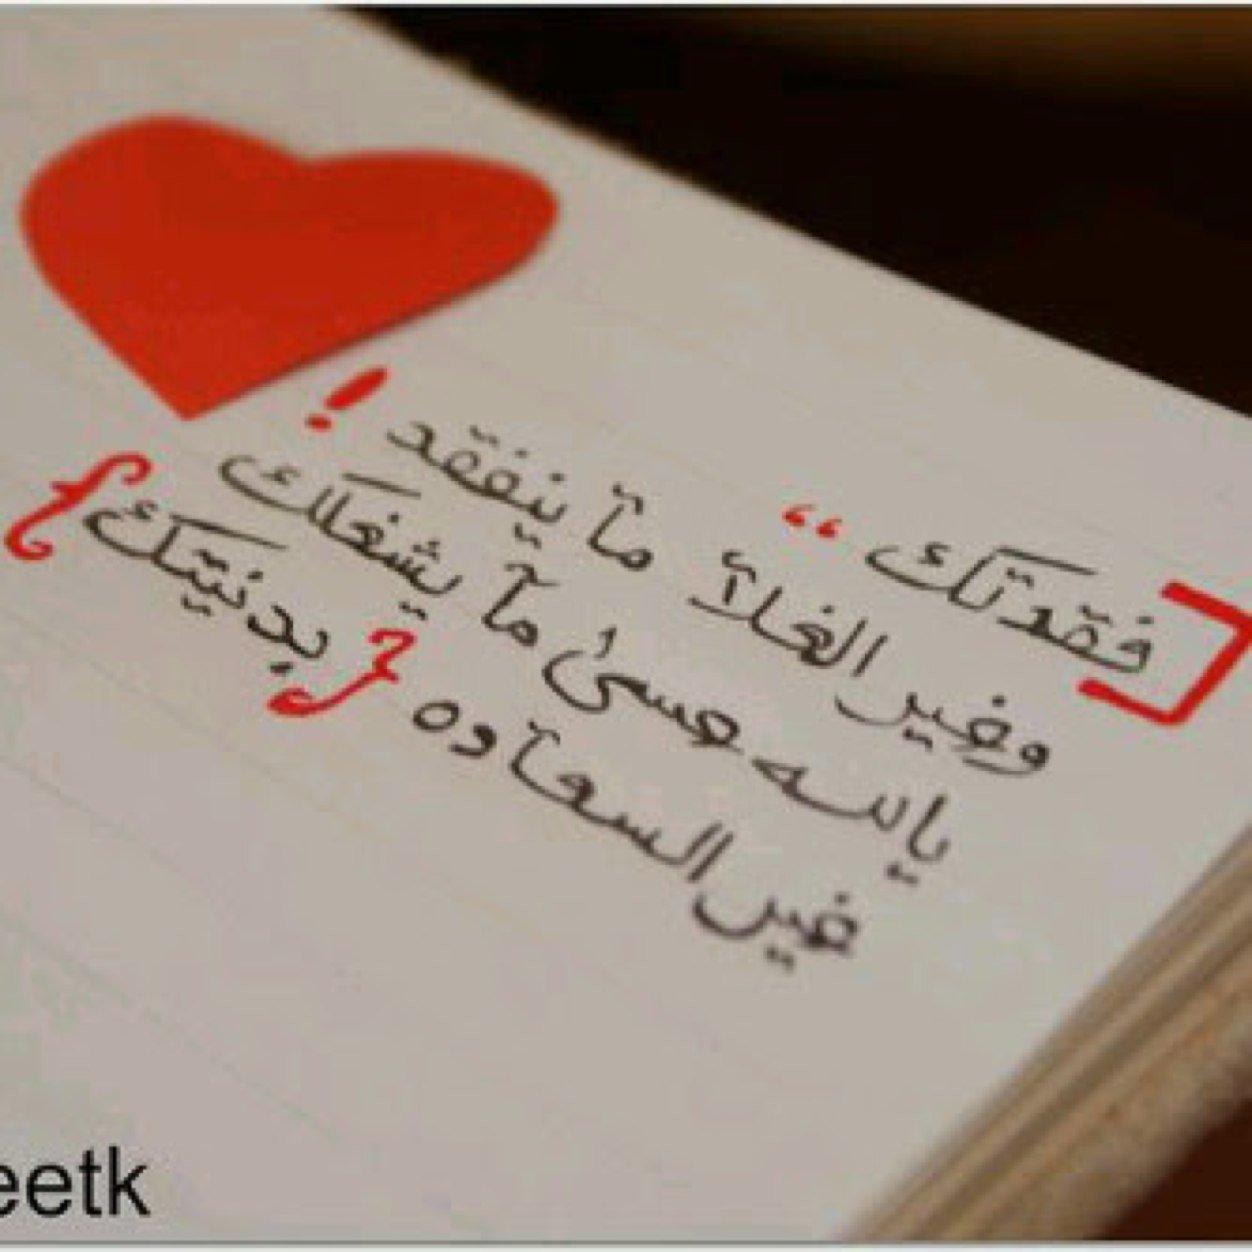 بالصور برودكاست حب تويتر , صور مكتوب عليها اجمل كلمات الحب